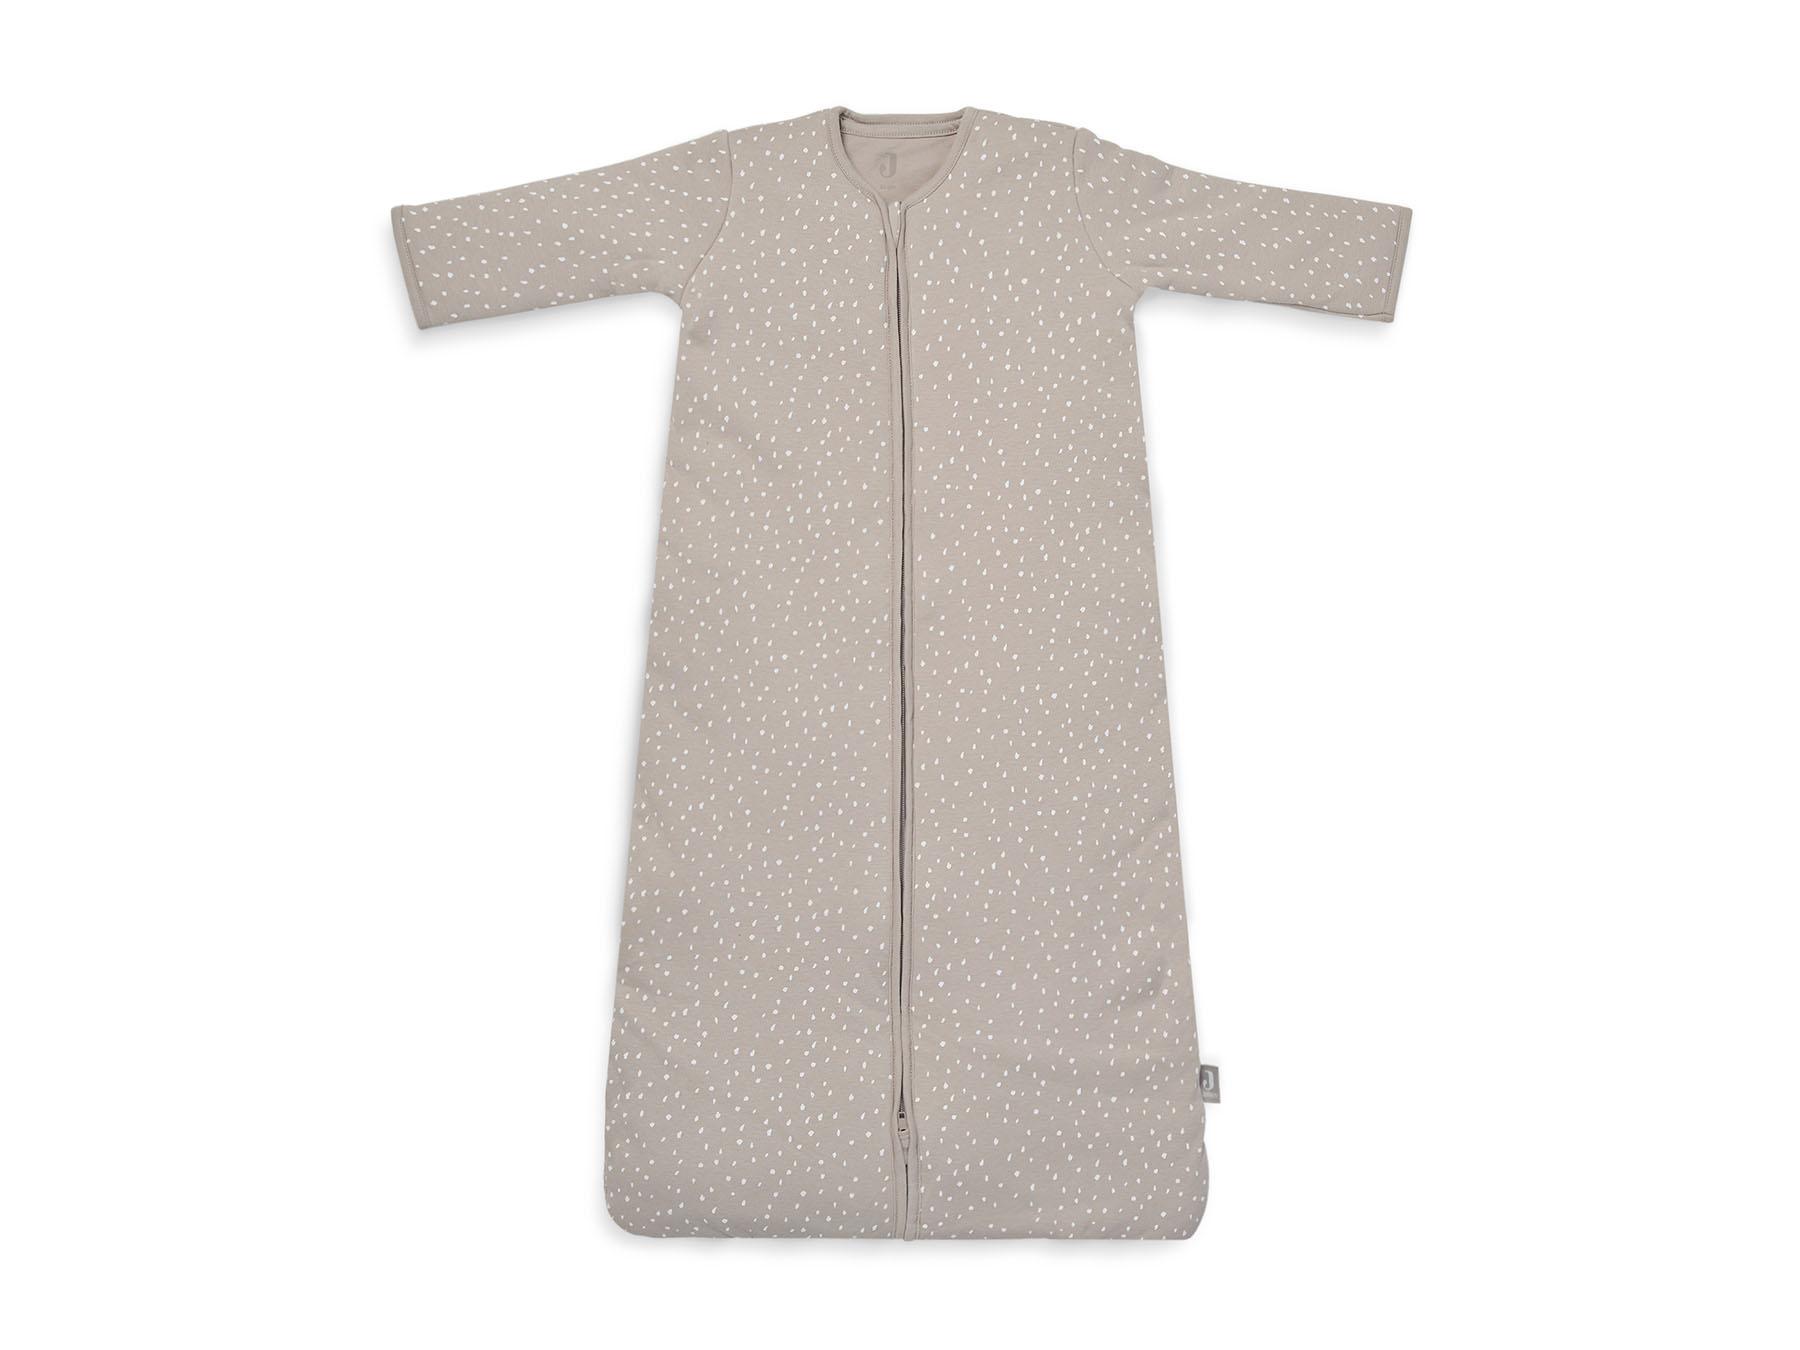 Schlafsack 4 Jahreszeiten Spickle nougat (Gr. 70 cm)